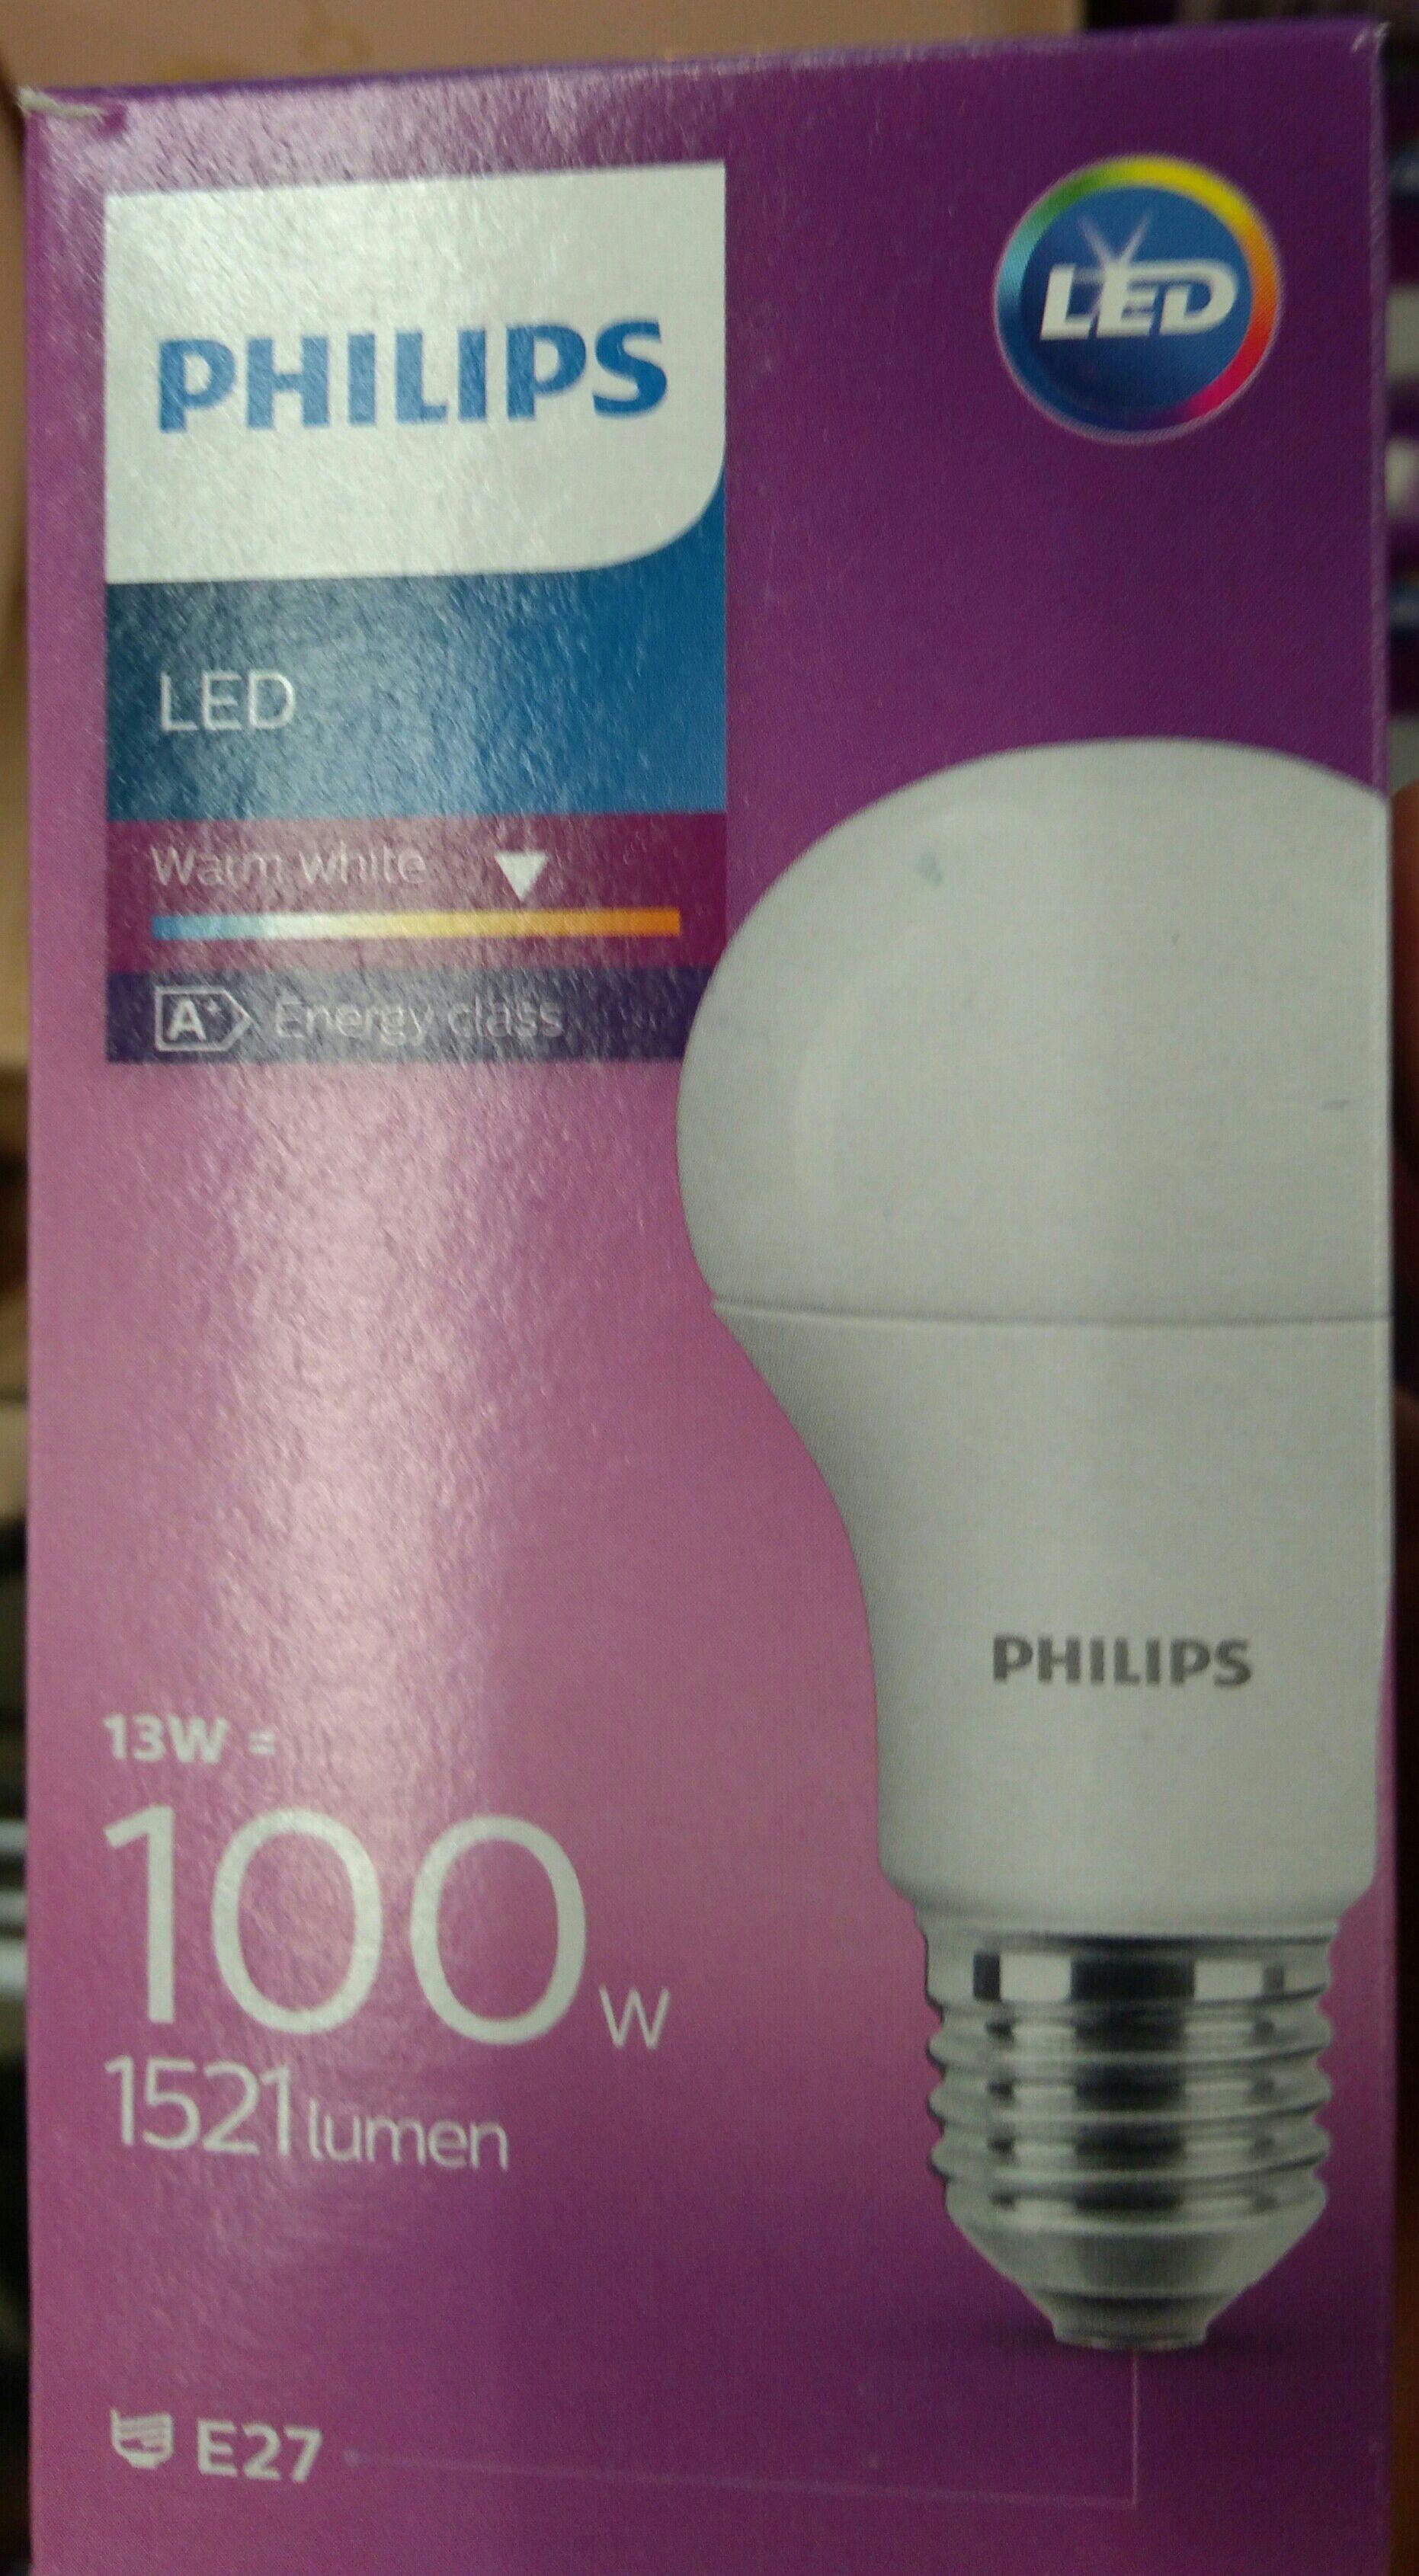 Żarówka Philips LED 100W (13W) 1521 lumen